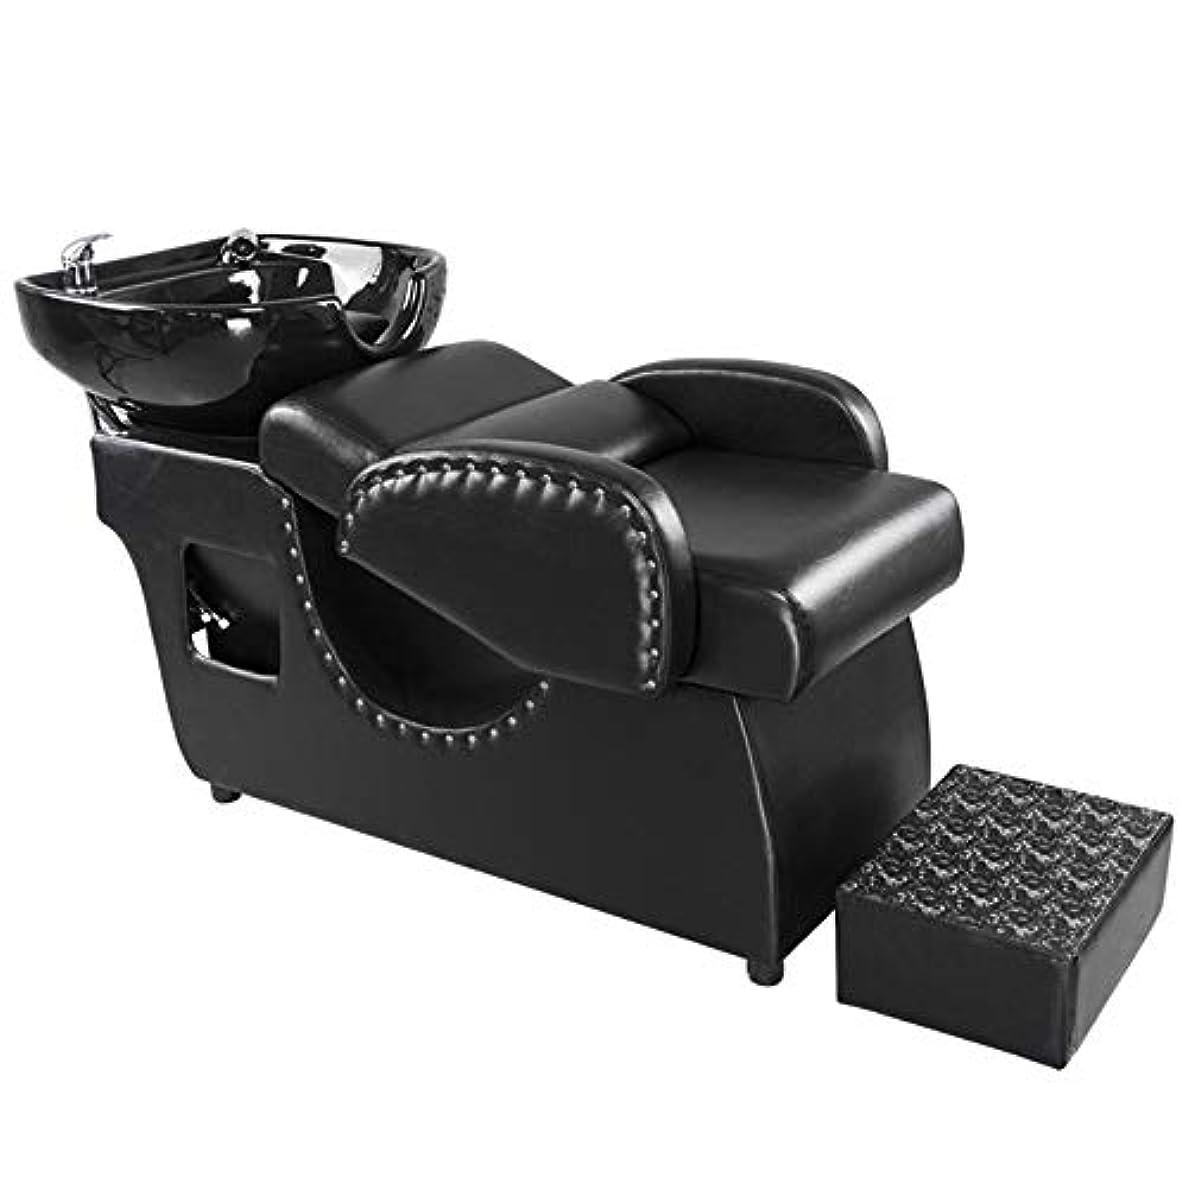 潜在的な発送尋ねるシャンプーの理髪師の逆洗の椅子、鉱泉の美容院のためのベッドを洗う陶磁器の洗面器の流しの流しの椅子